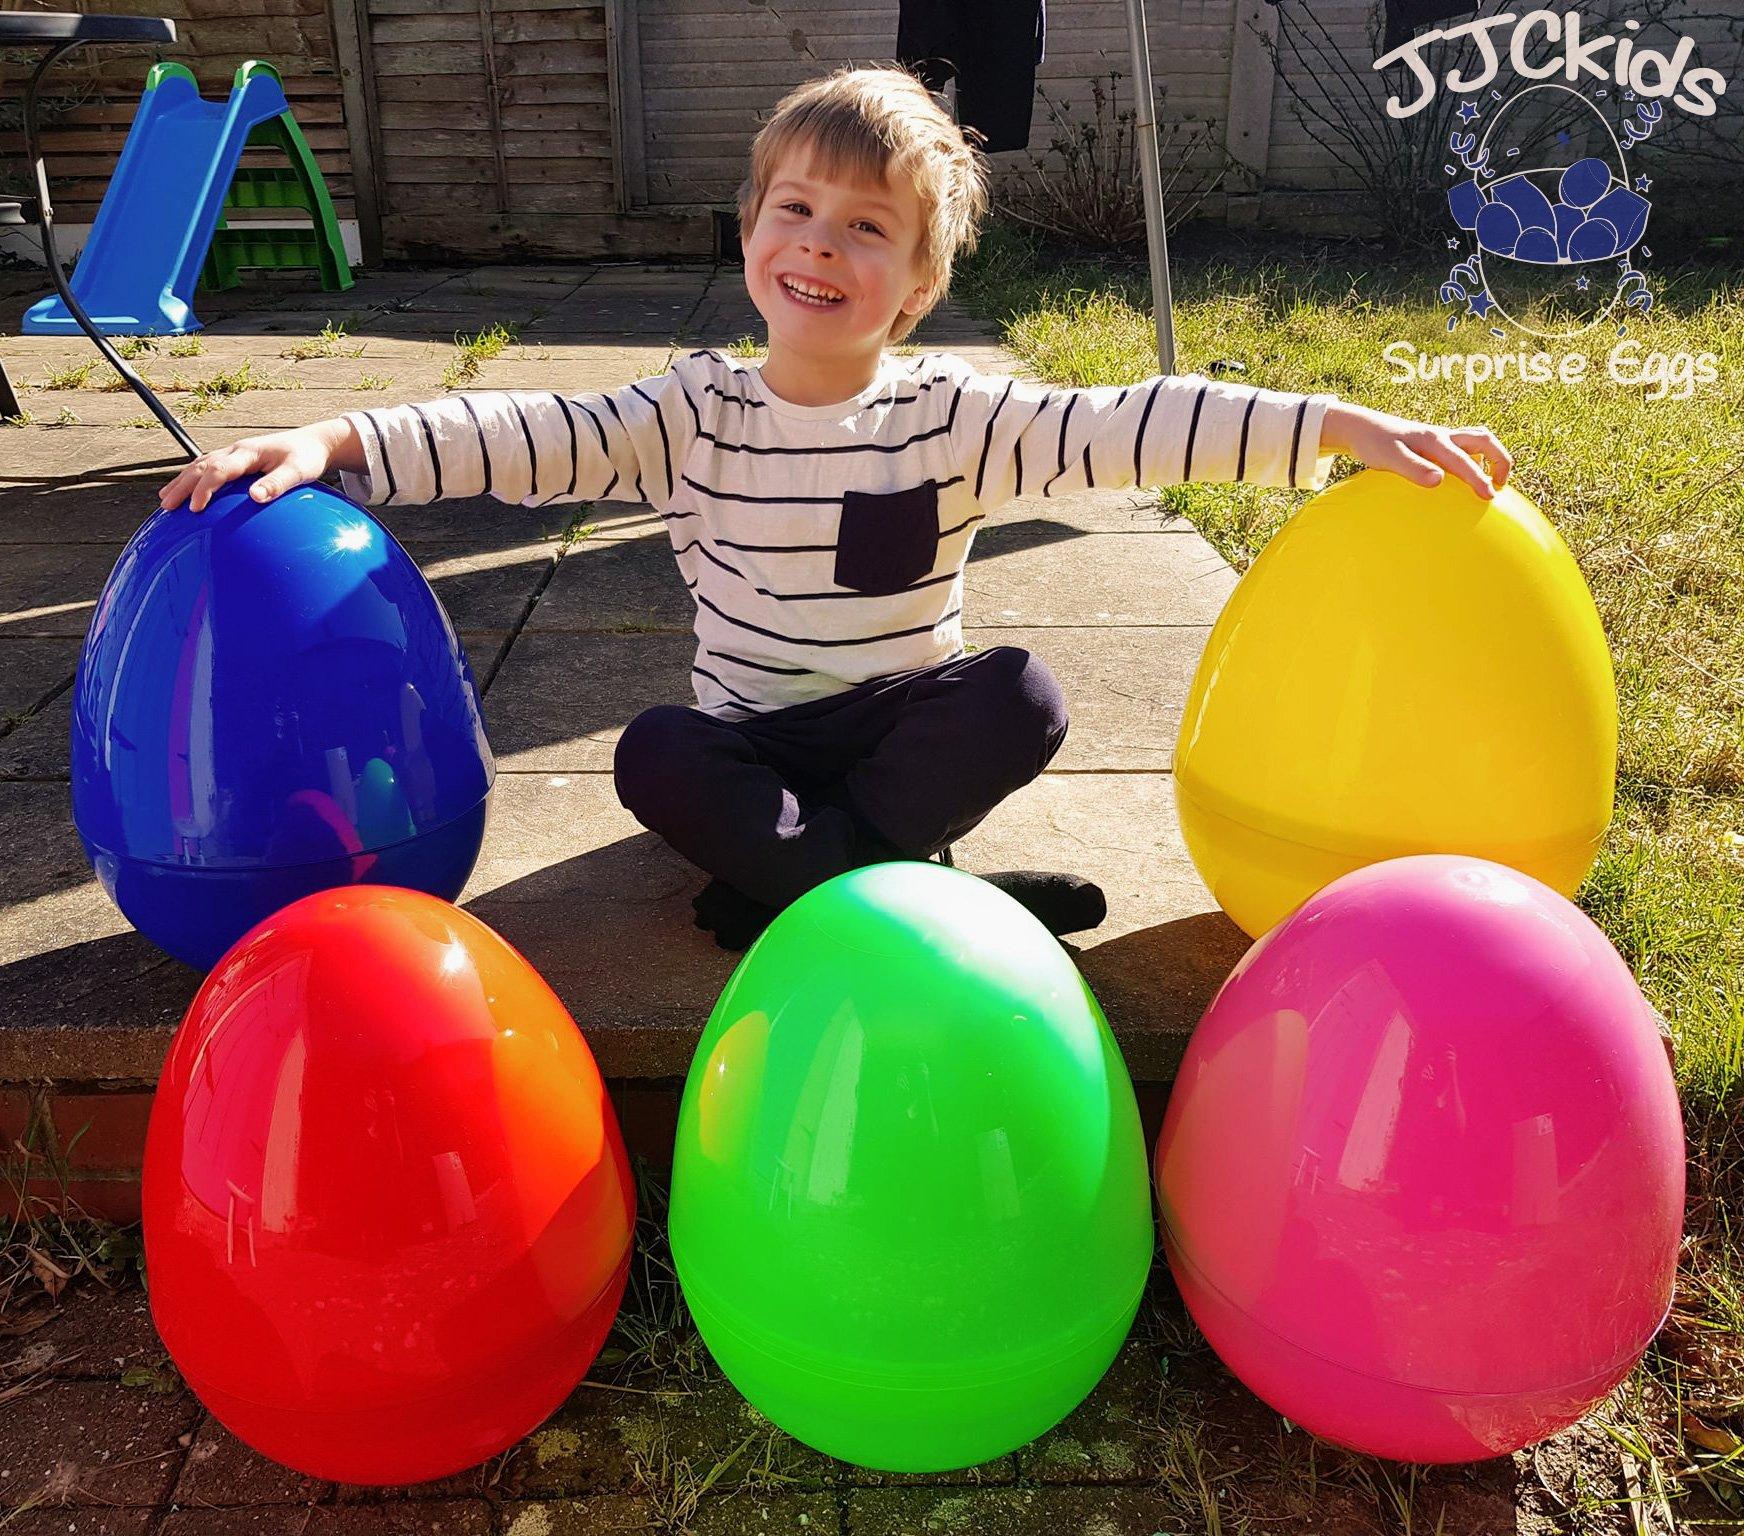 GREEN JJCkids Giant Easter Egg Boys /& Girls Empty Jumbo Huge Surprise Egg